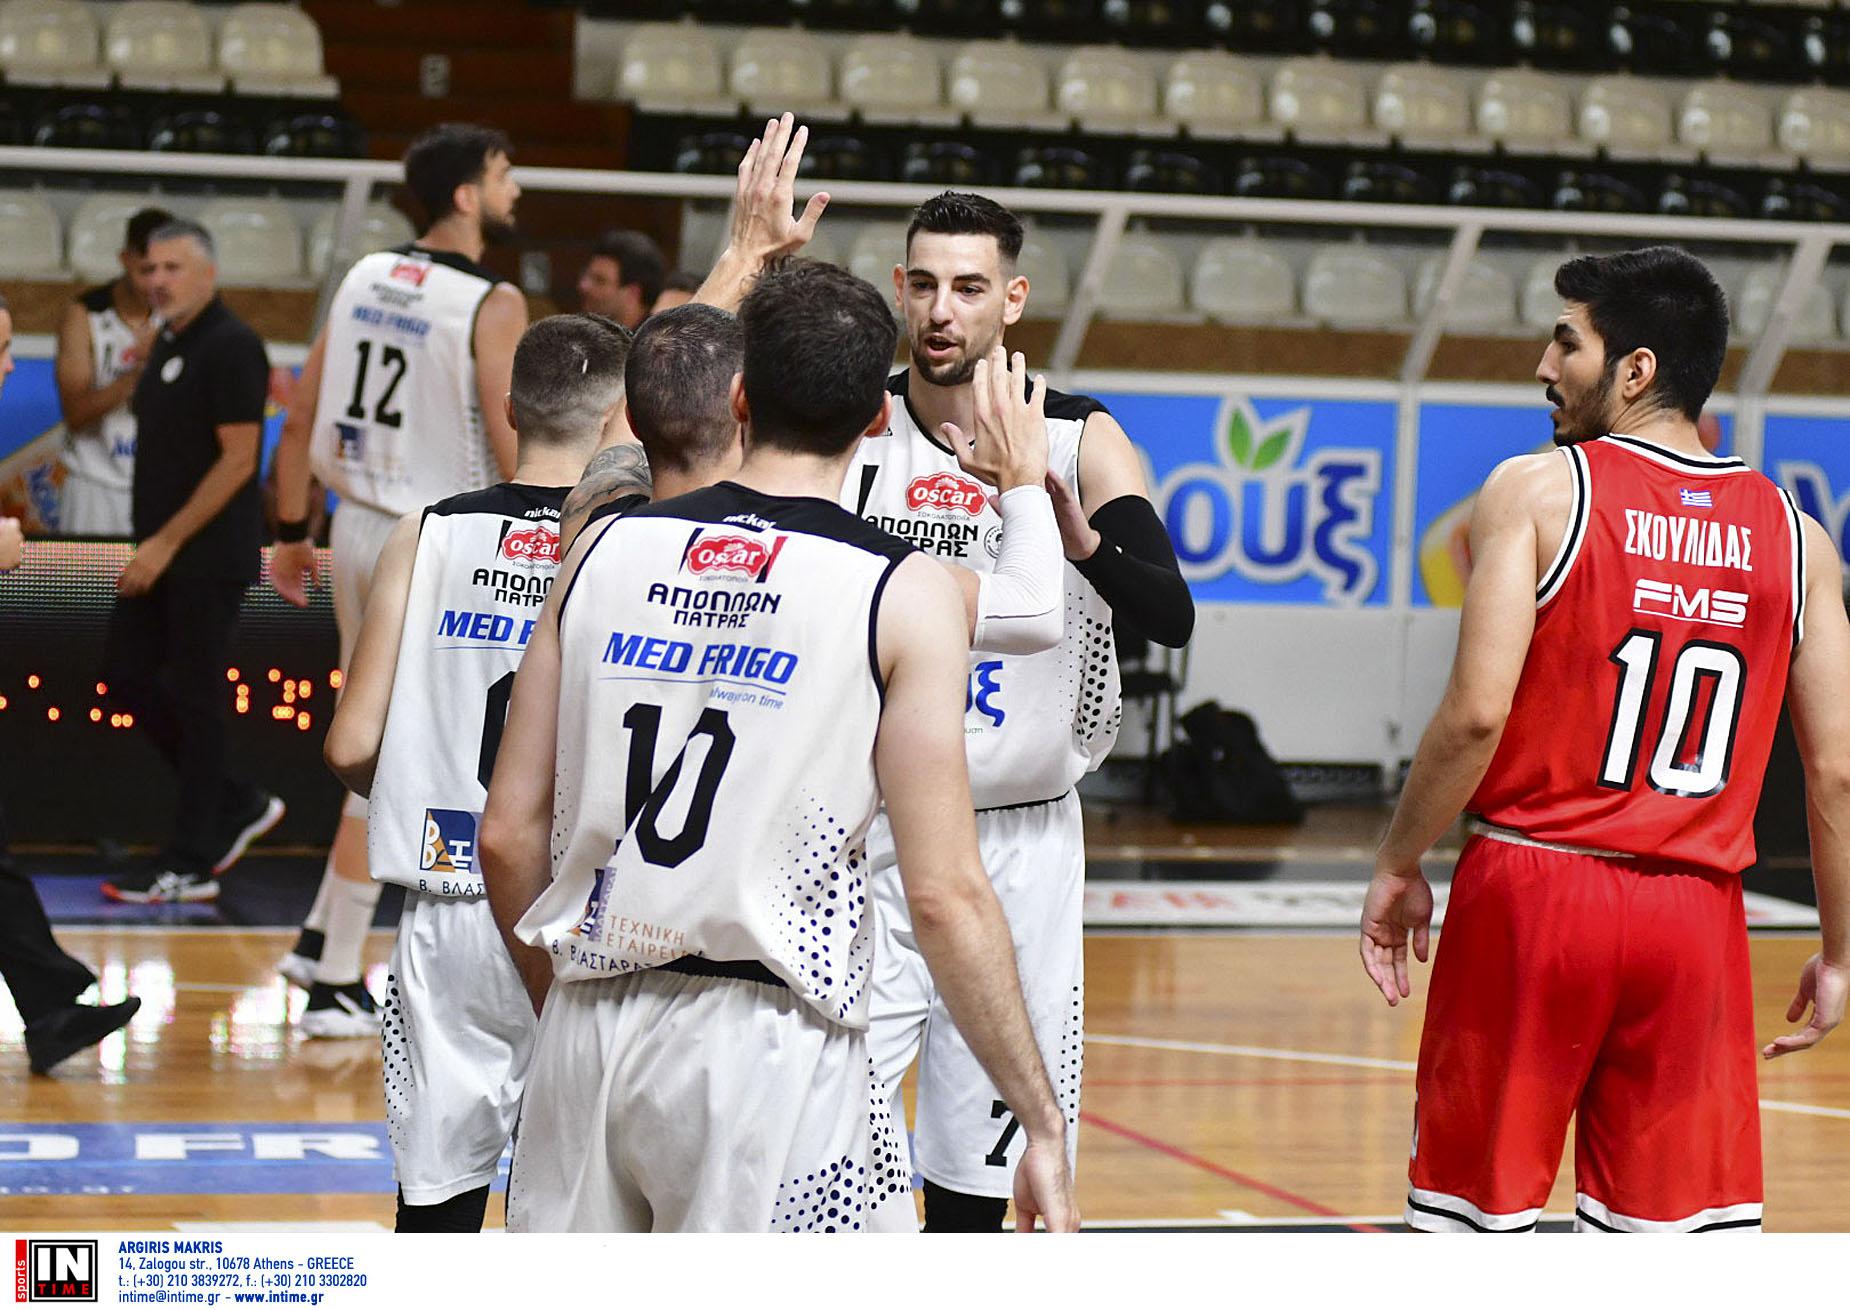 Απόλλων Πάτρας – Ολυμπιακός Β 70-63:    Οι Πατρινοί κέρδισαν την άνοδο στην Basket League